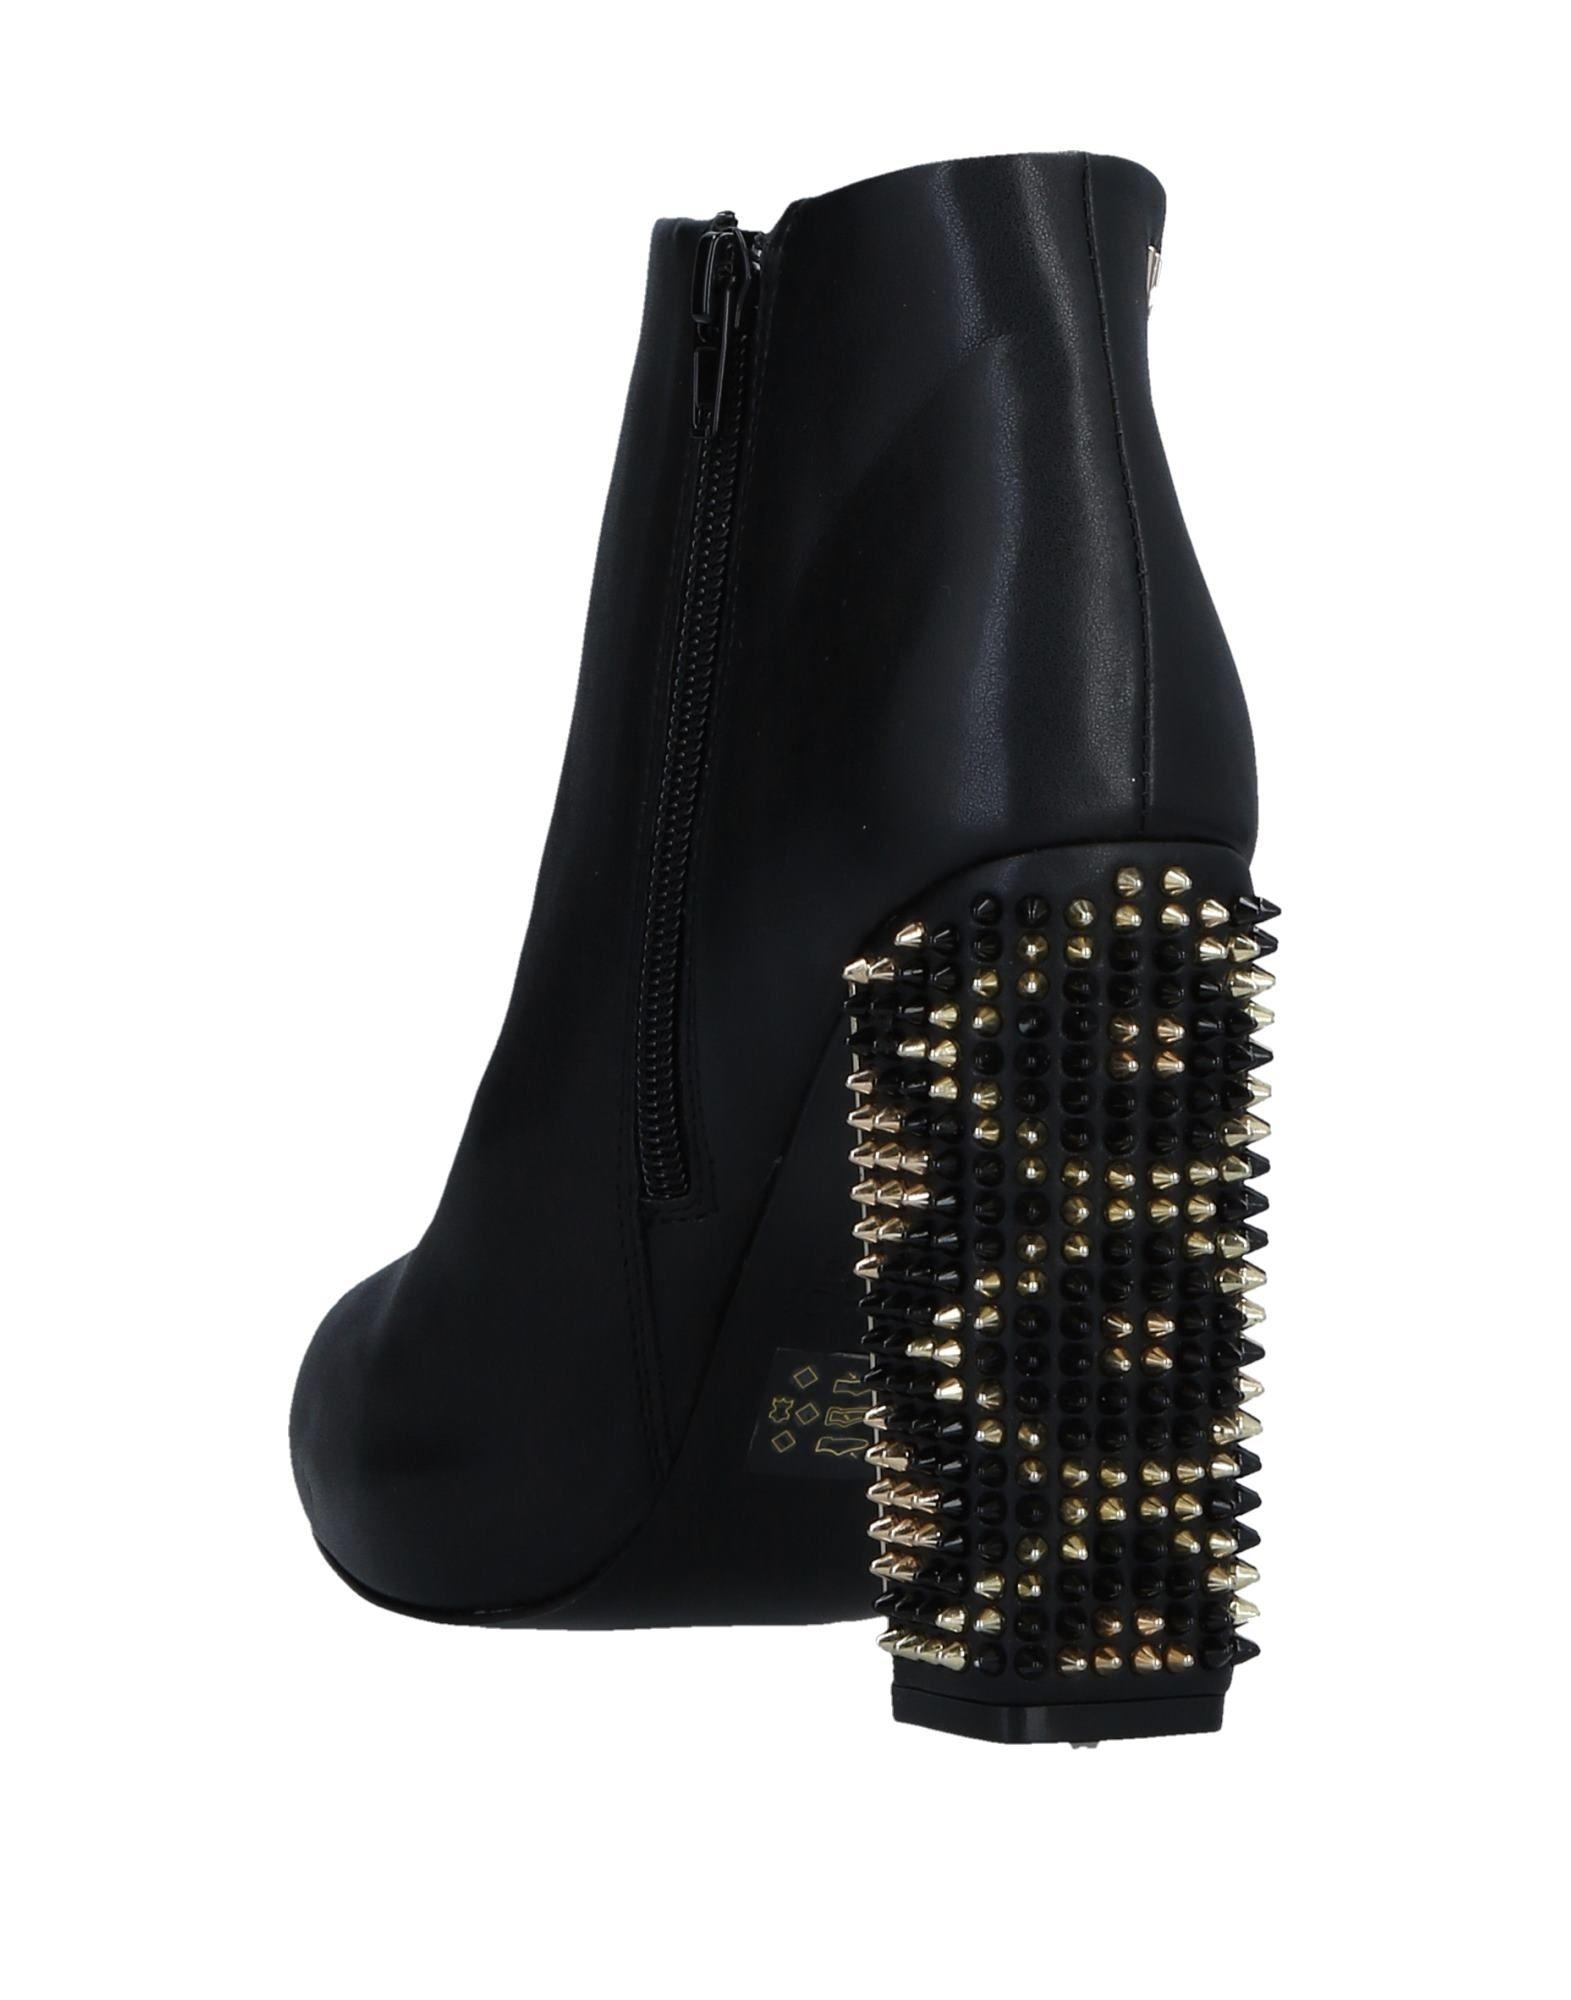 Versace Jeans Stiefelette Damen Gutes Gutes Gutes Preis-Leistungs-Verhältnis, es lohnt sich ec7762